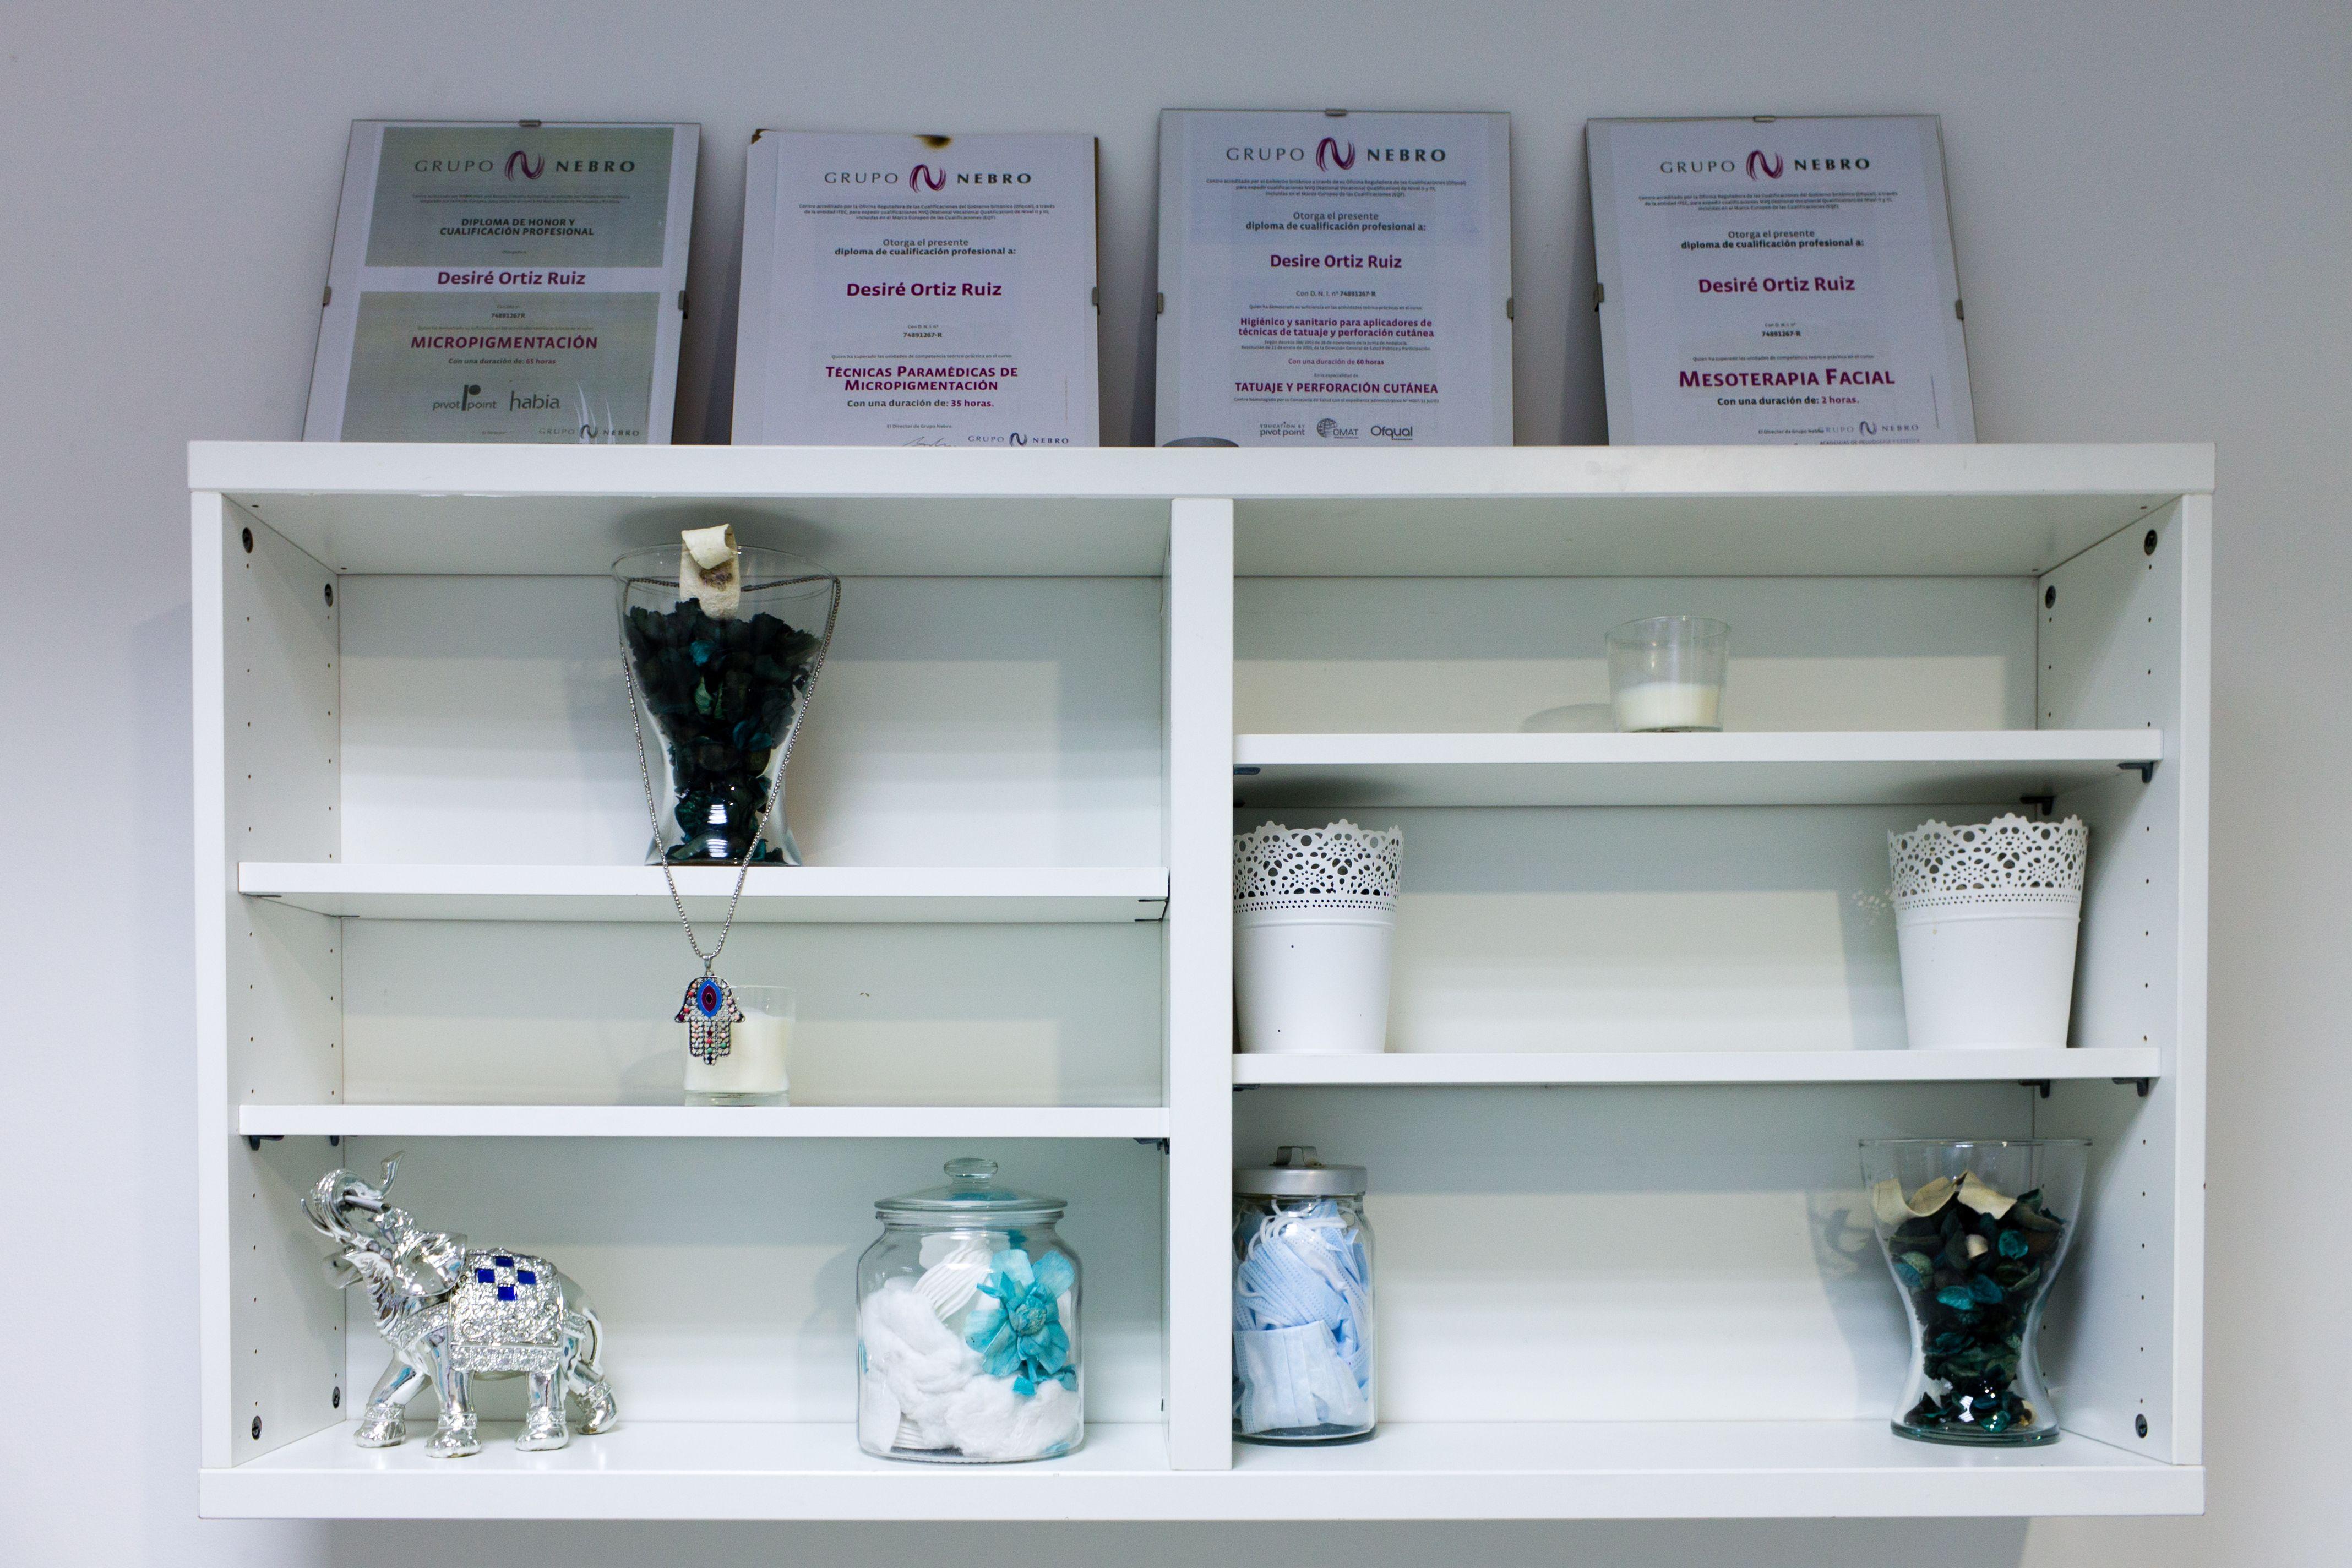 Somos un centro de belleza y estética con una gran variedad de servicios